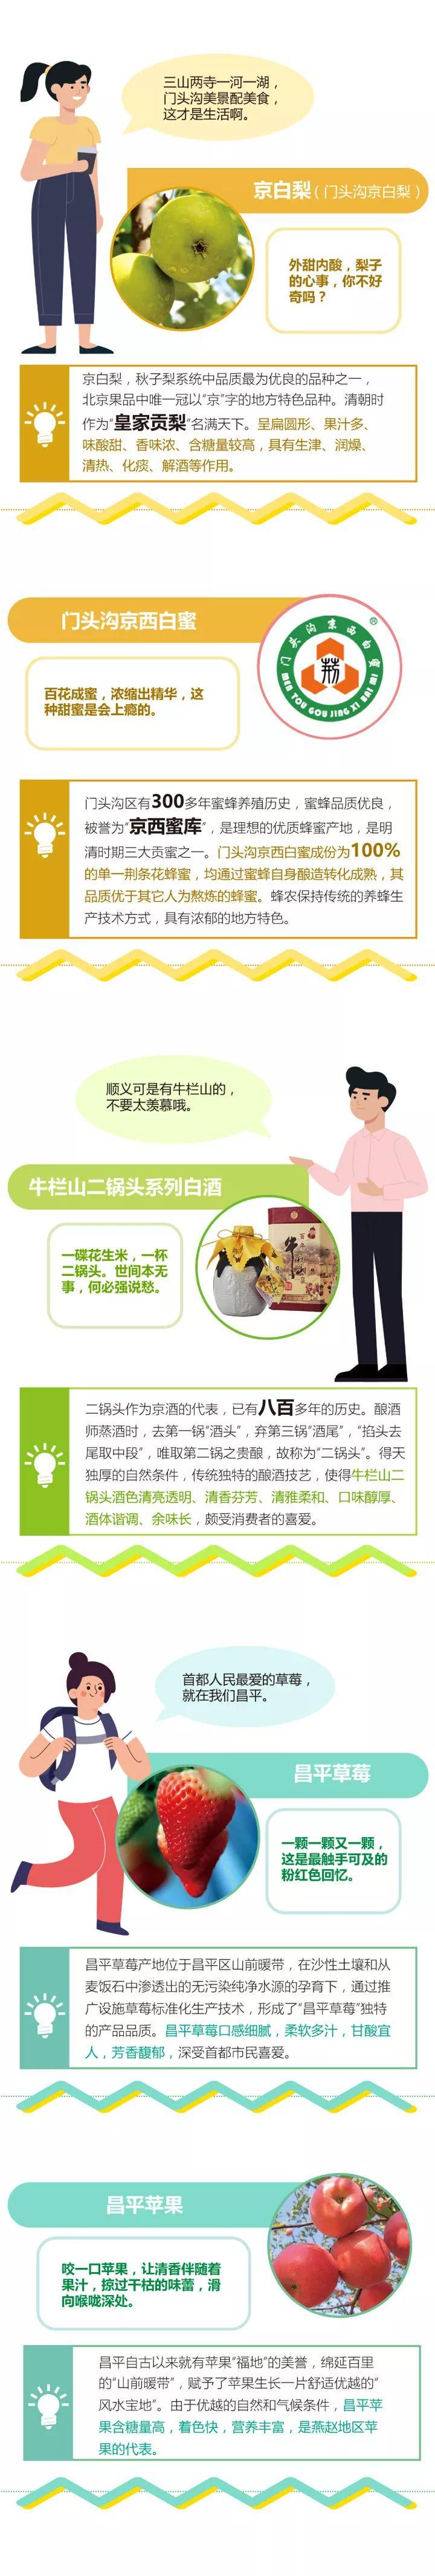 """""""地標北京""""!一圖帶你了解北京的地理標志產品"""